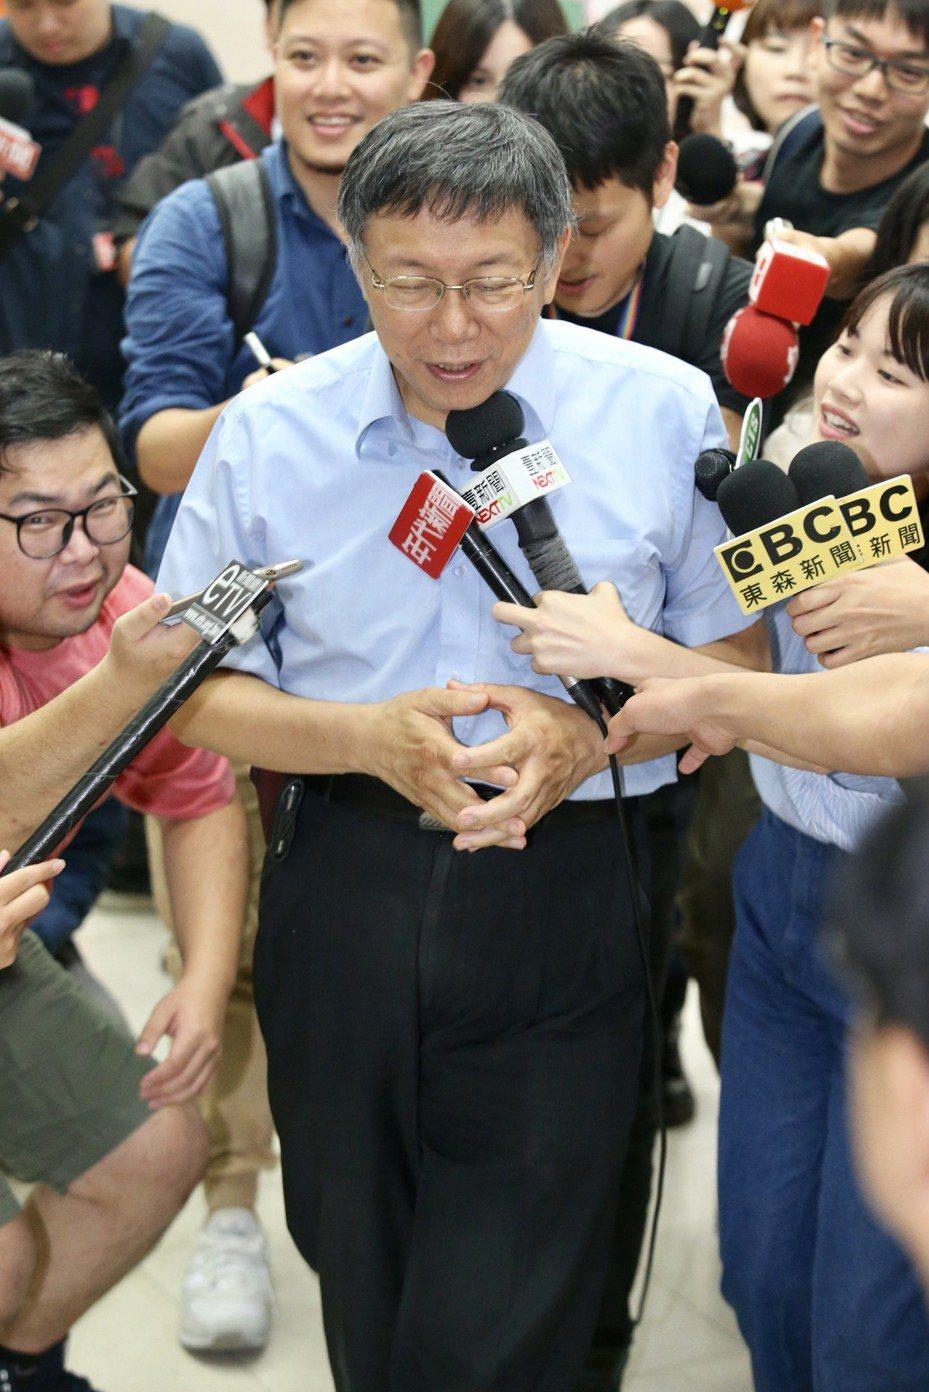 台北市長柯文哲(中)出席第27屆金吾獎頒獎典禮,會後接受媒體訪問時,一時嘴快說賴清德「好可憐,被做掉」,似乎自覺說錯話,趕緊離開。記者林伯東/攝影